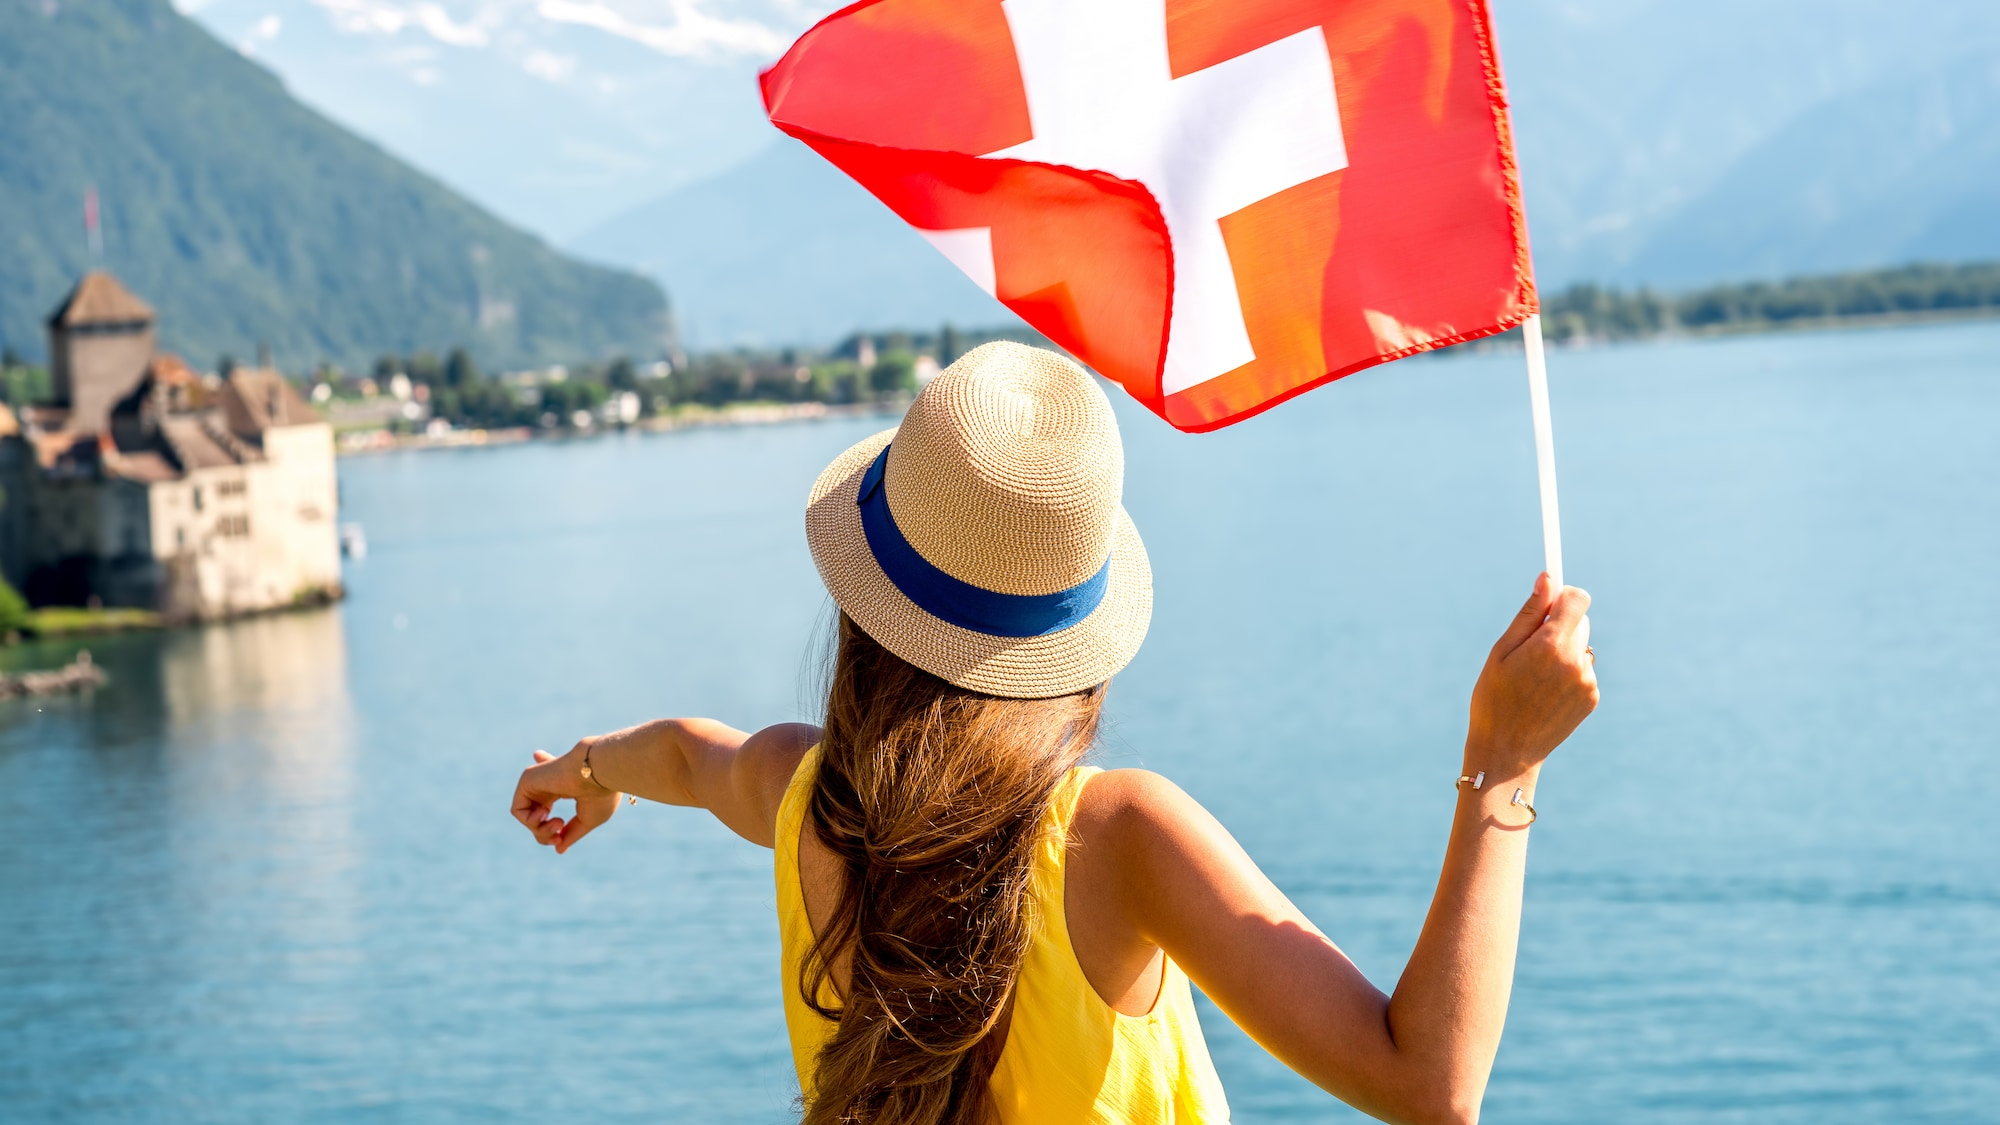 Ausflugstipps für die Schweiz: Mit diesen 10 Erlebnissen kosten Sie den Sommer voll aus